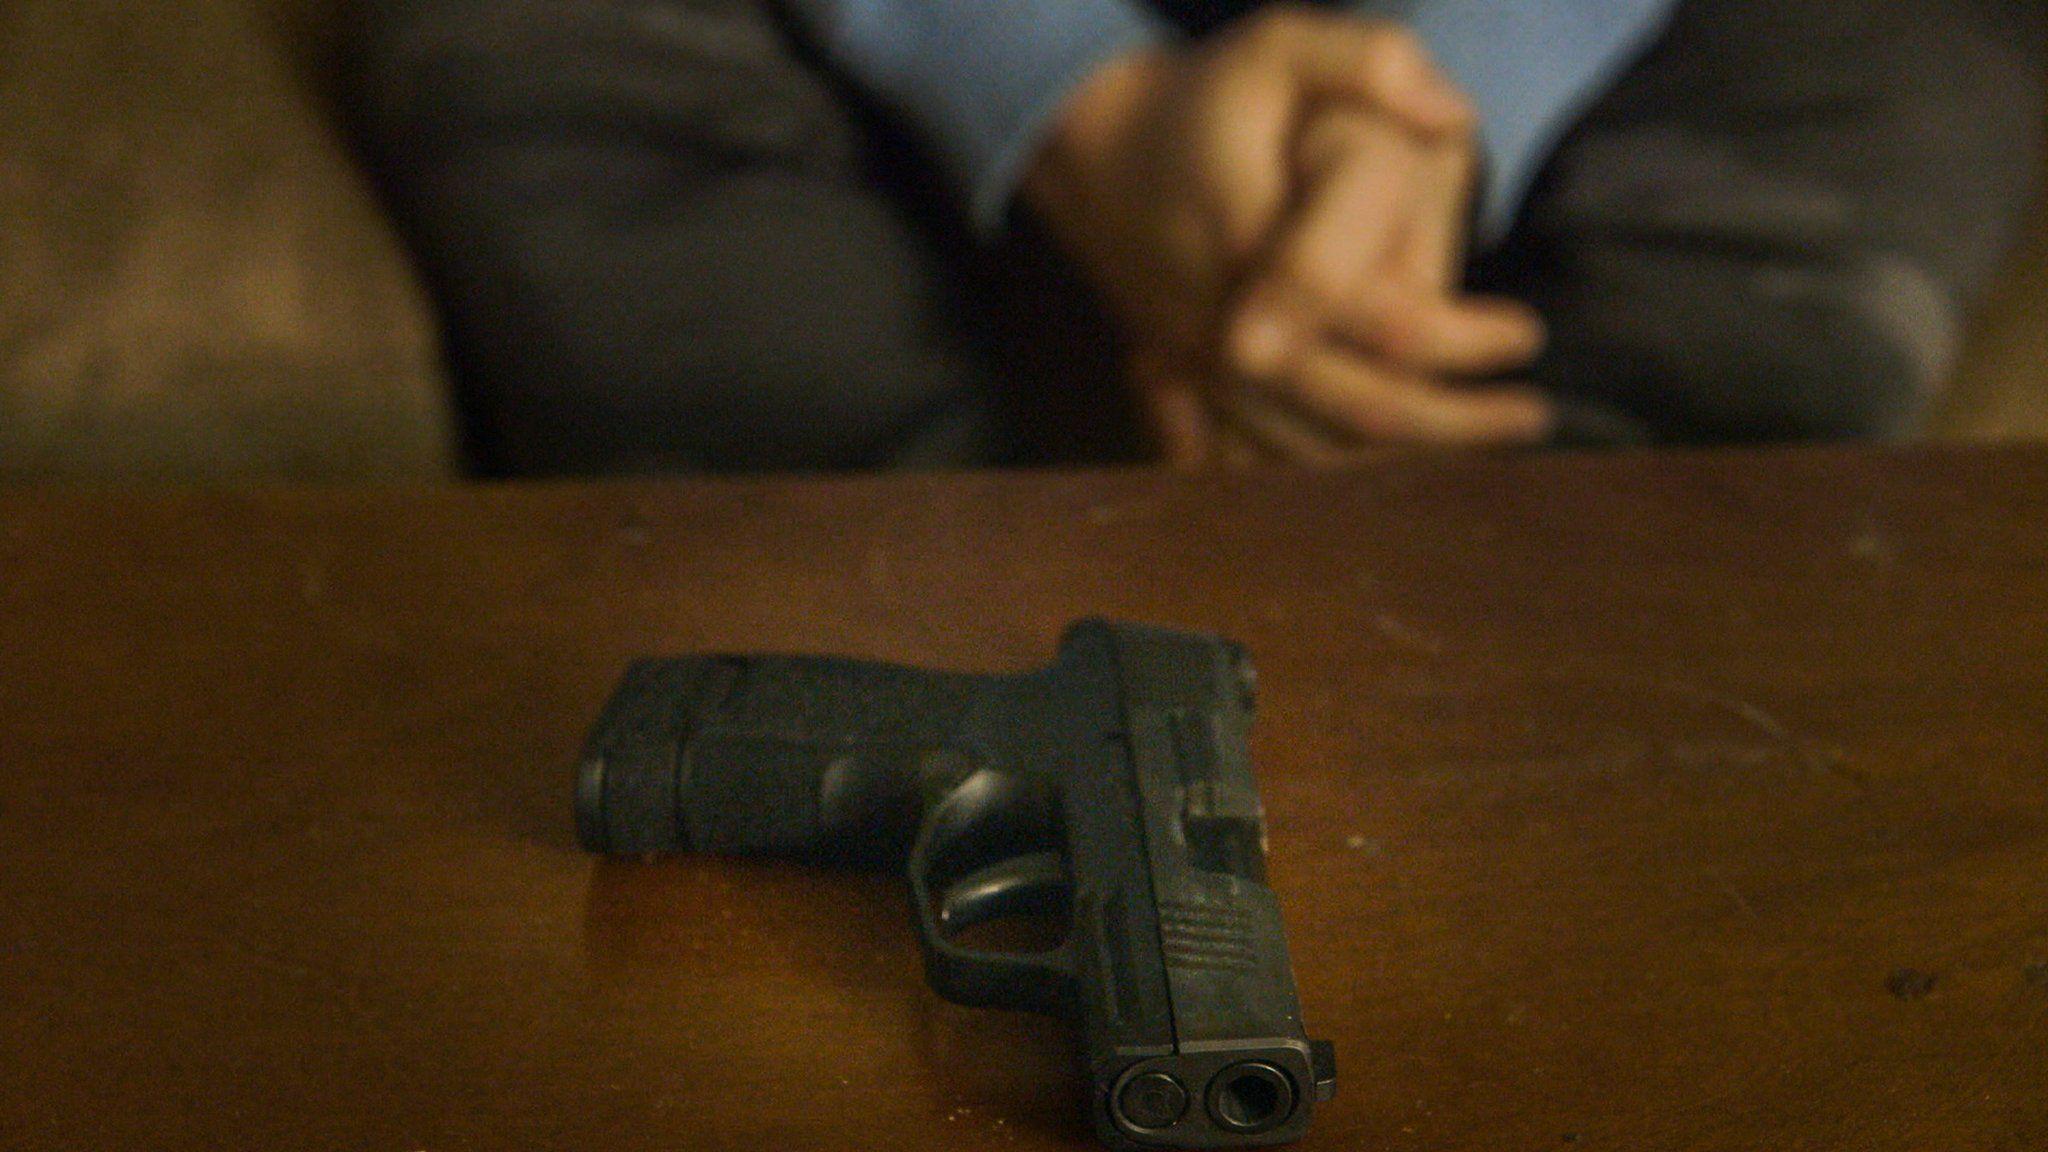 close up of gun